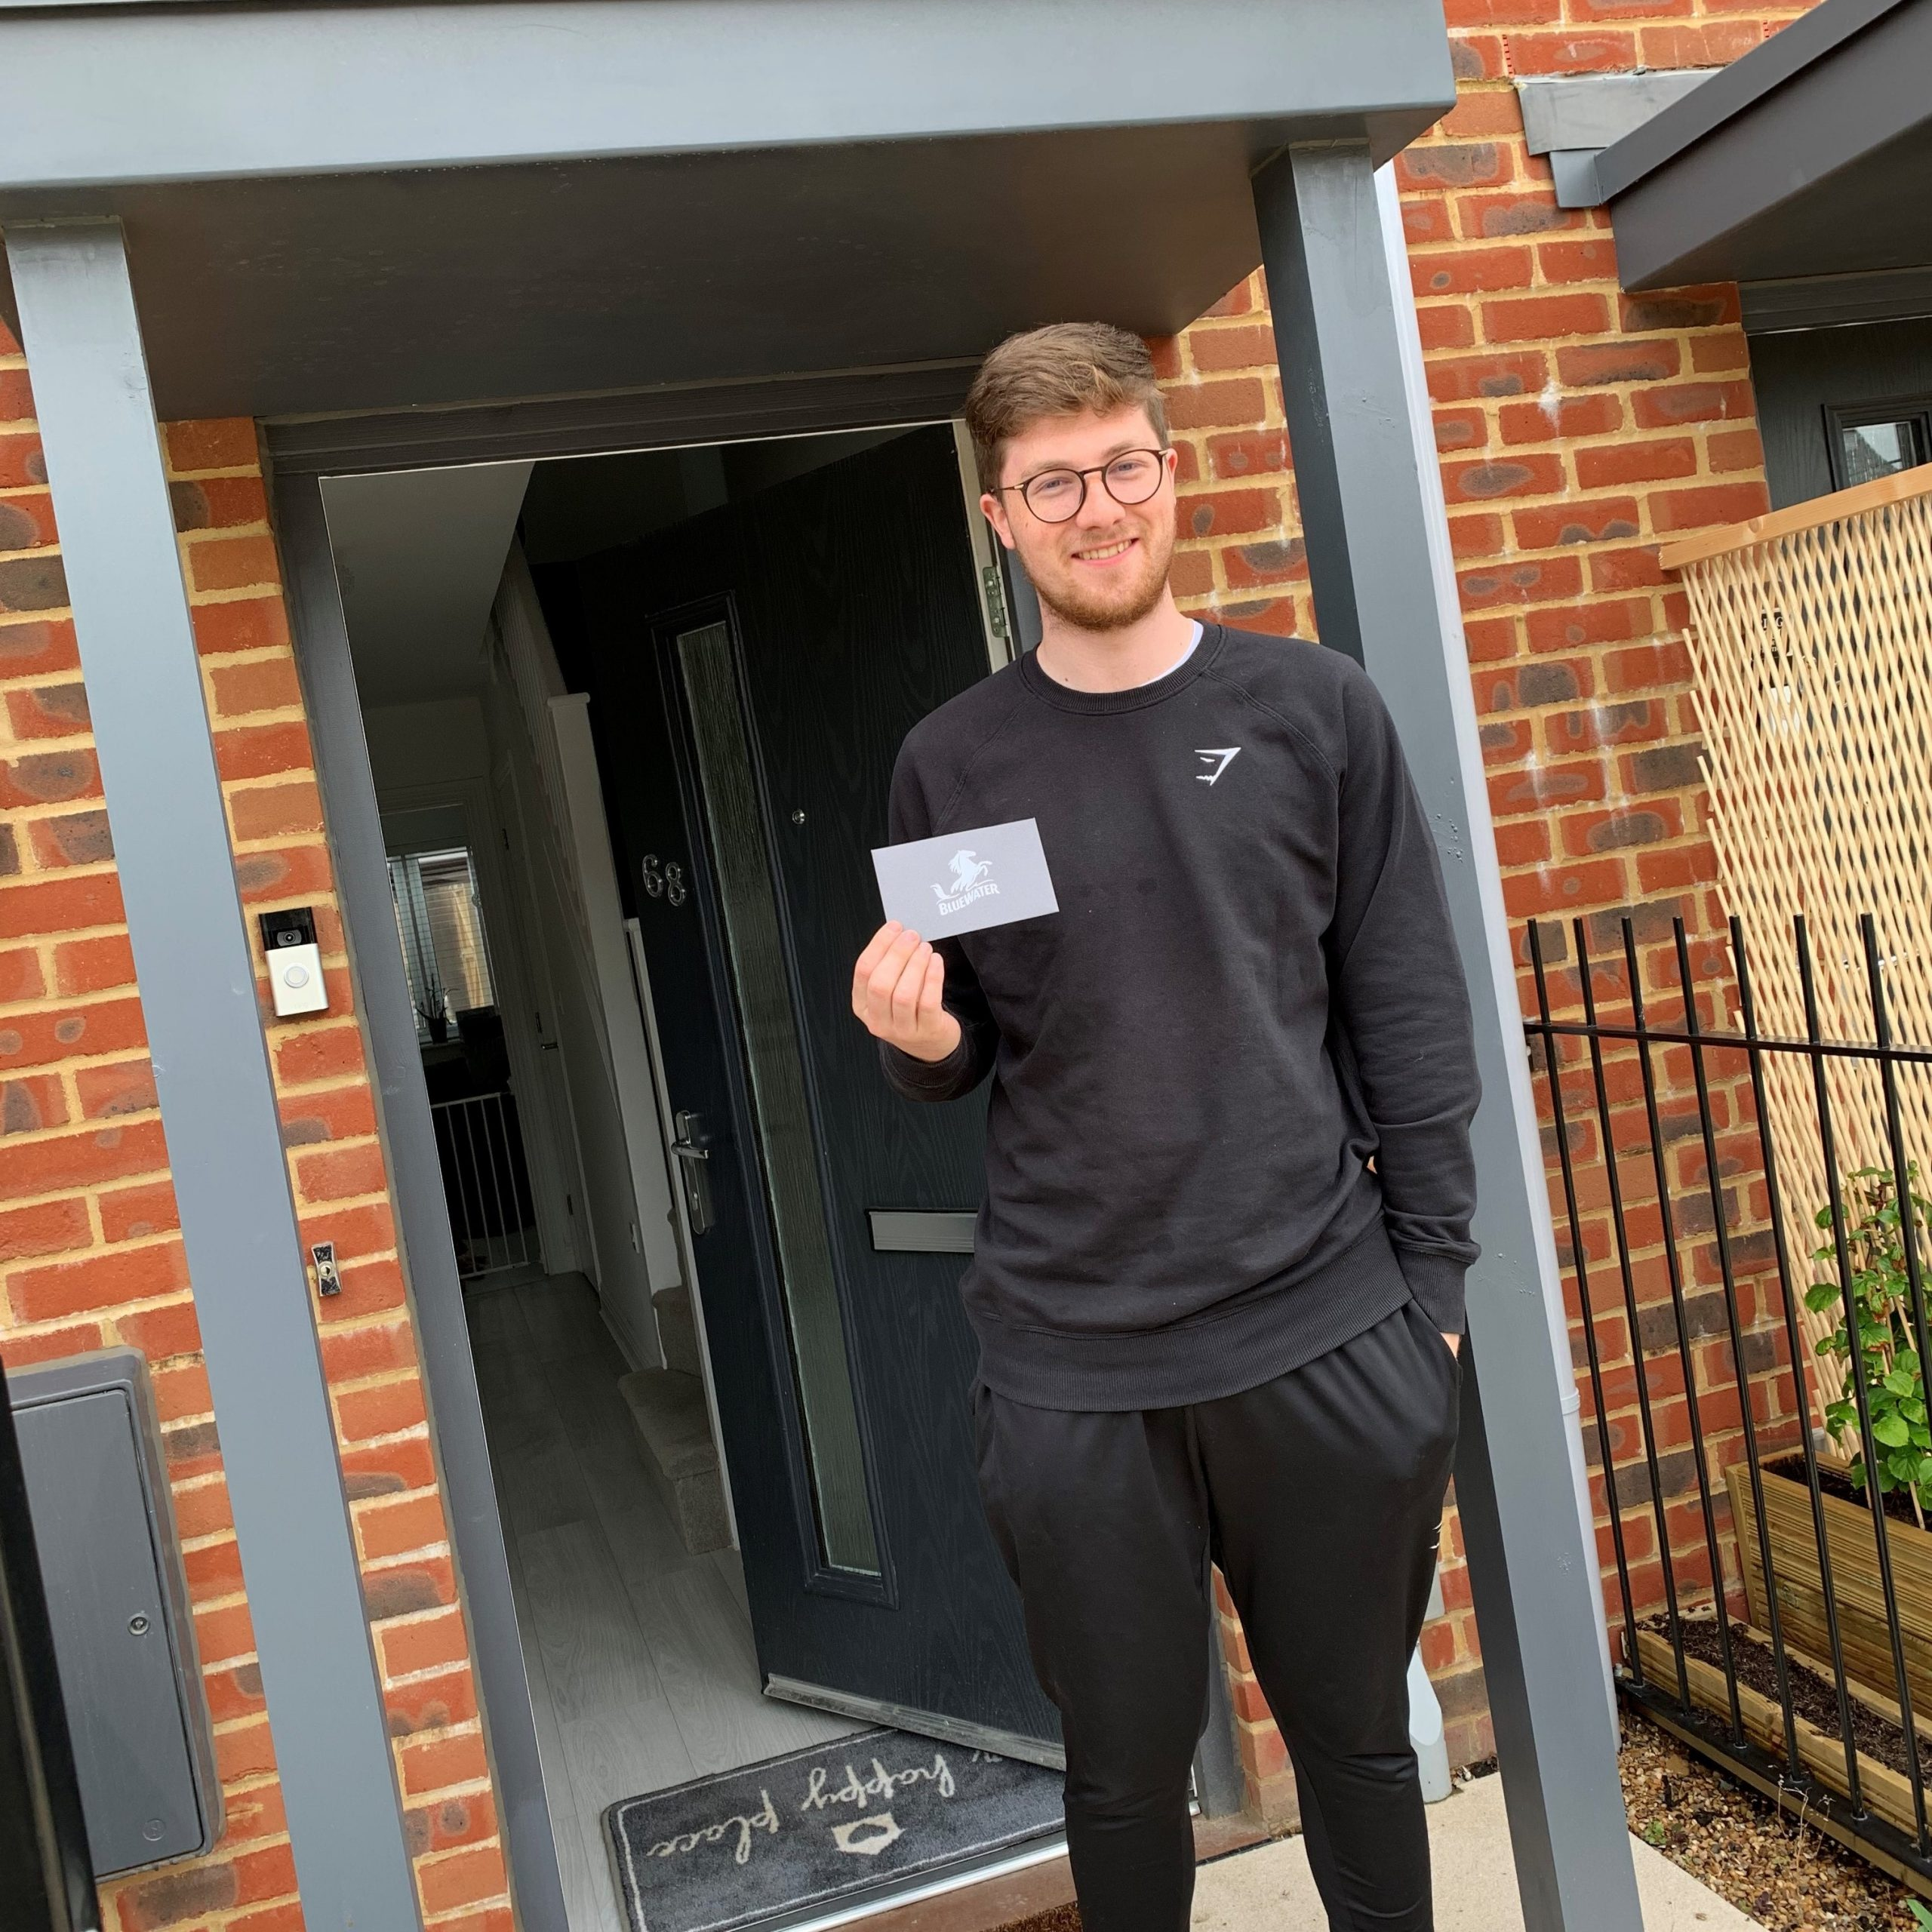 Luke Cross winner of our prize draw standing in front of front door